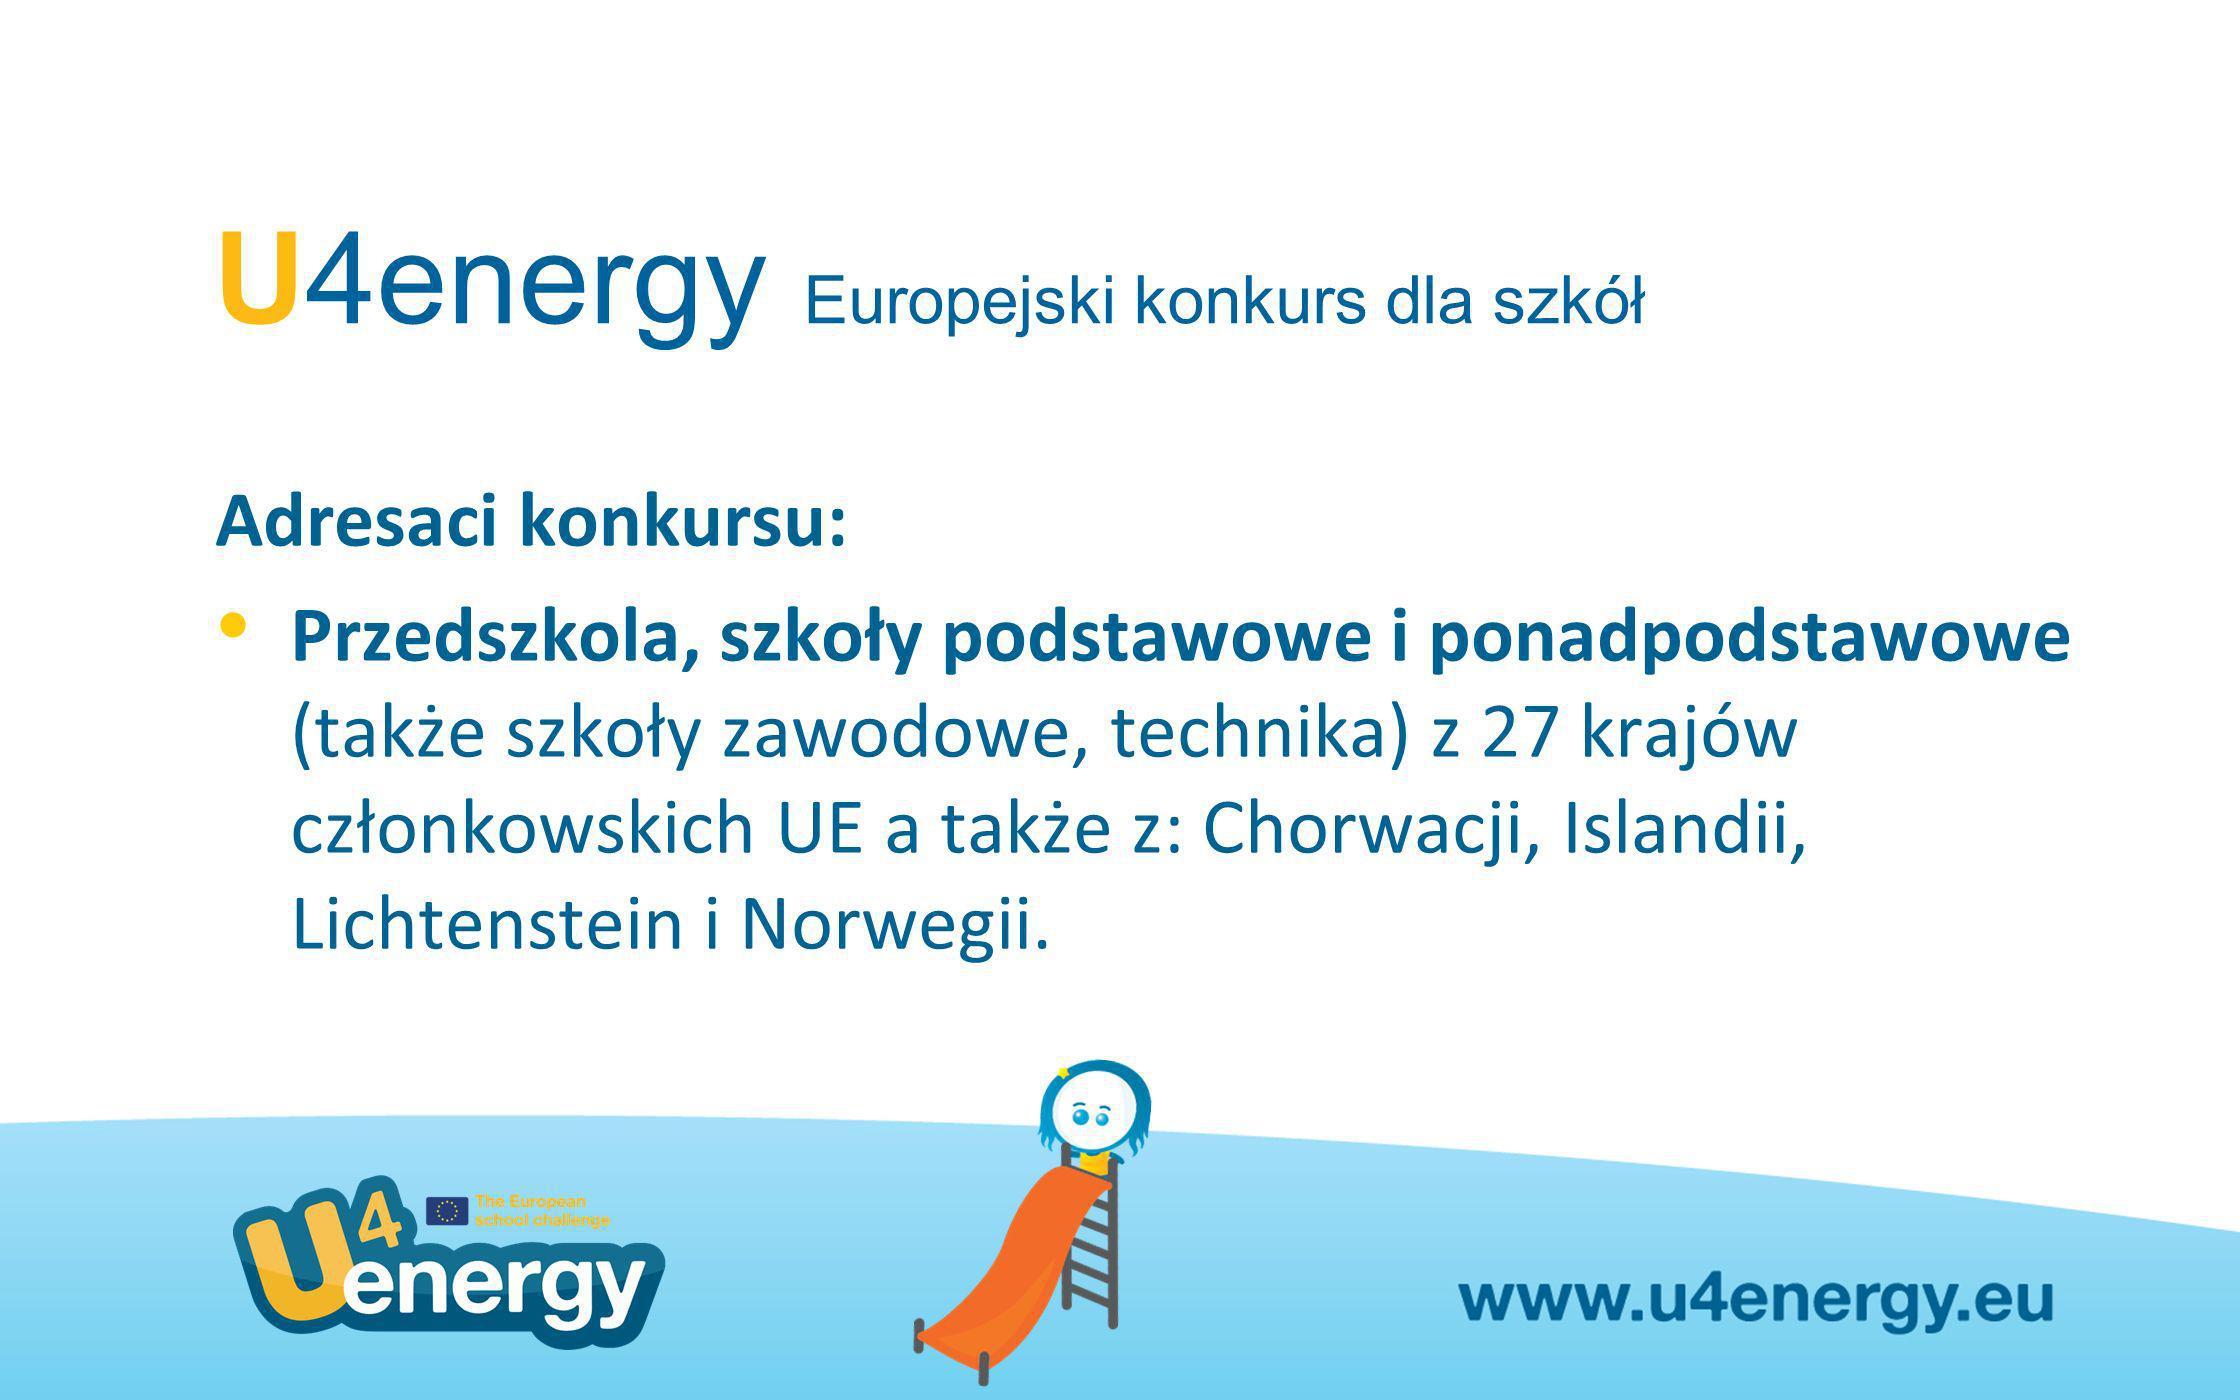 U4energy Europejski konkurs dla szkół Odwiedź naszą stronę i skontaktuj się z nami.